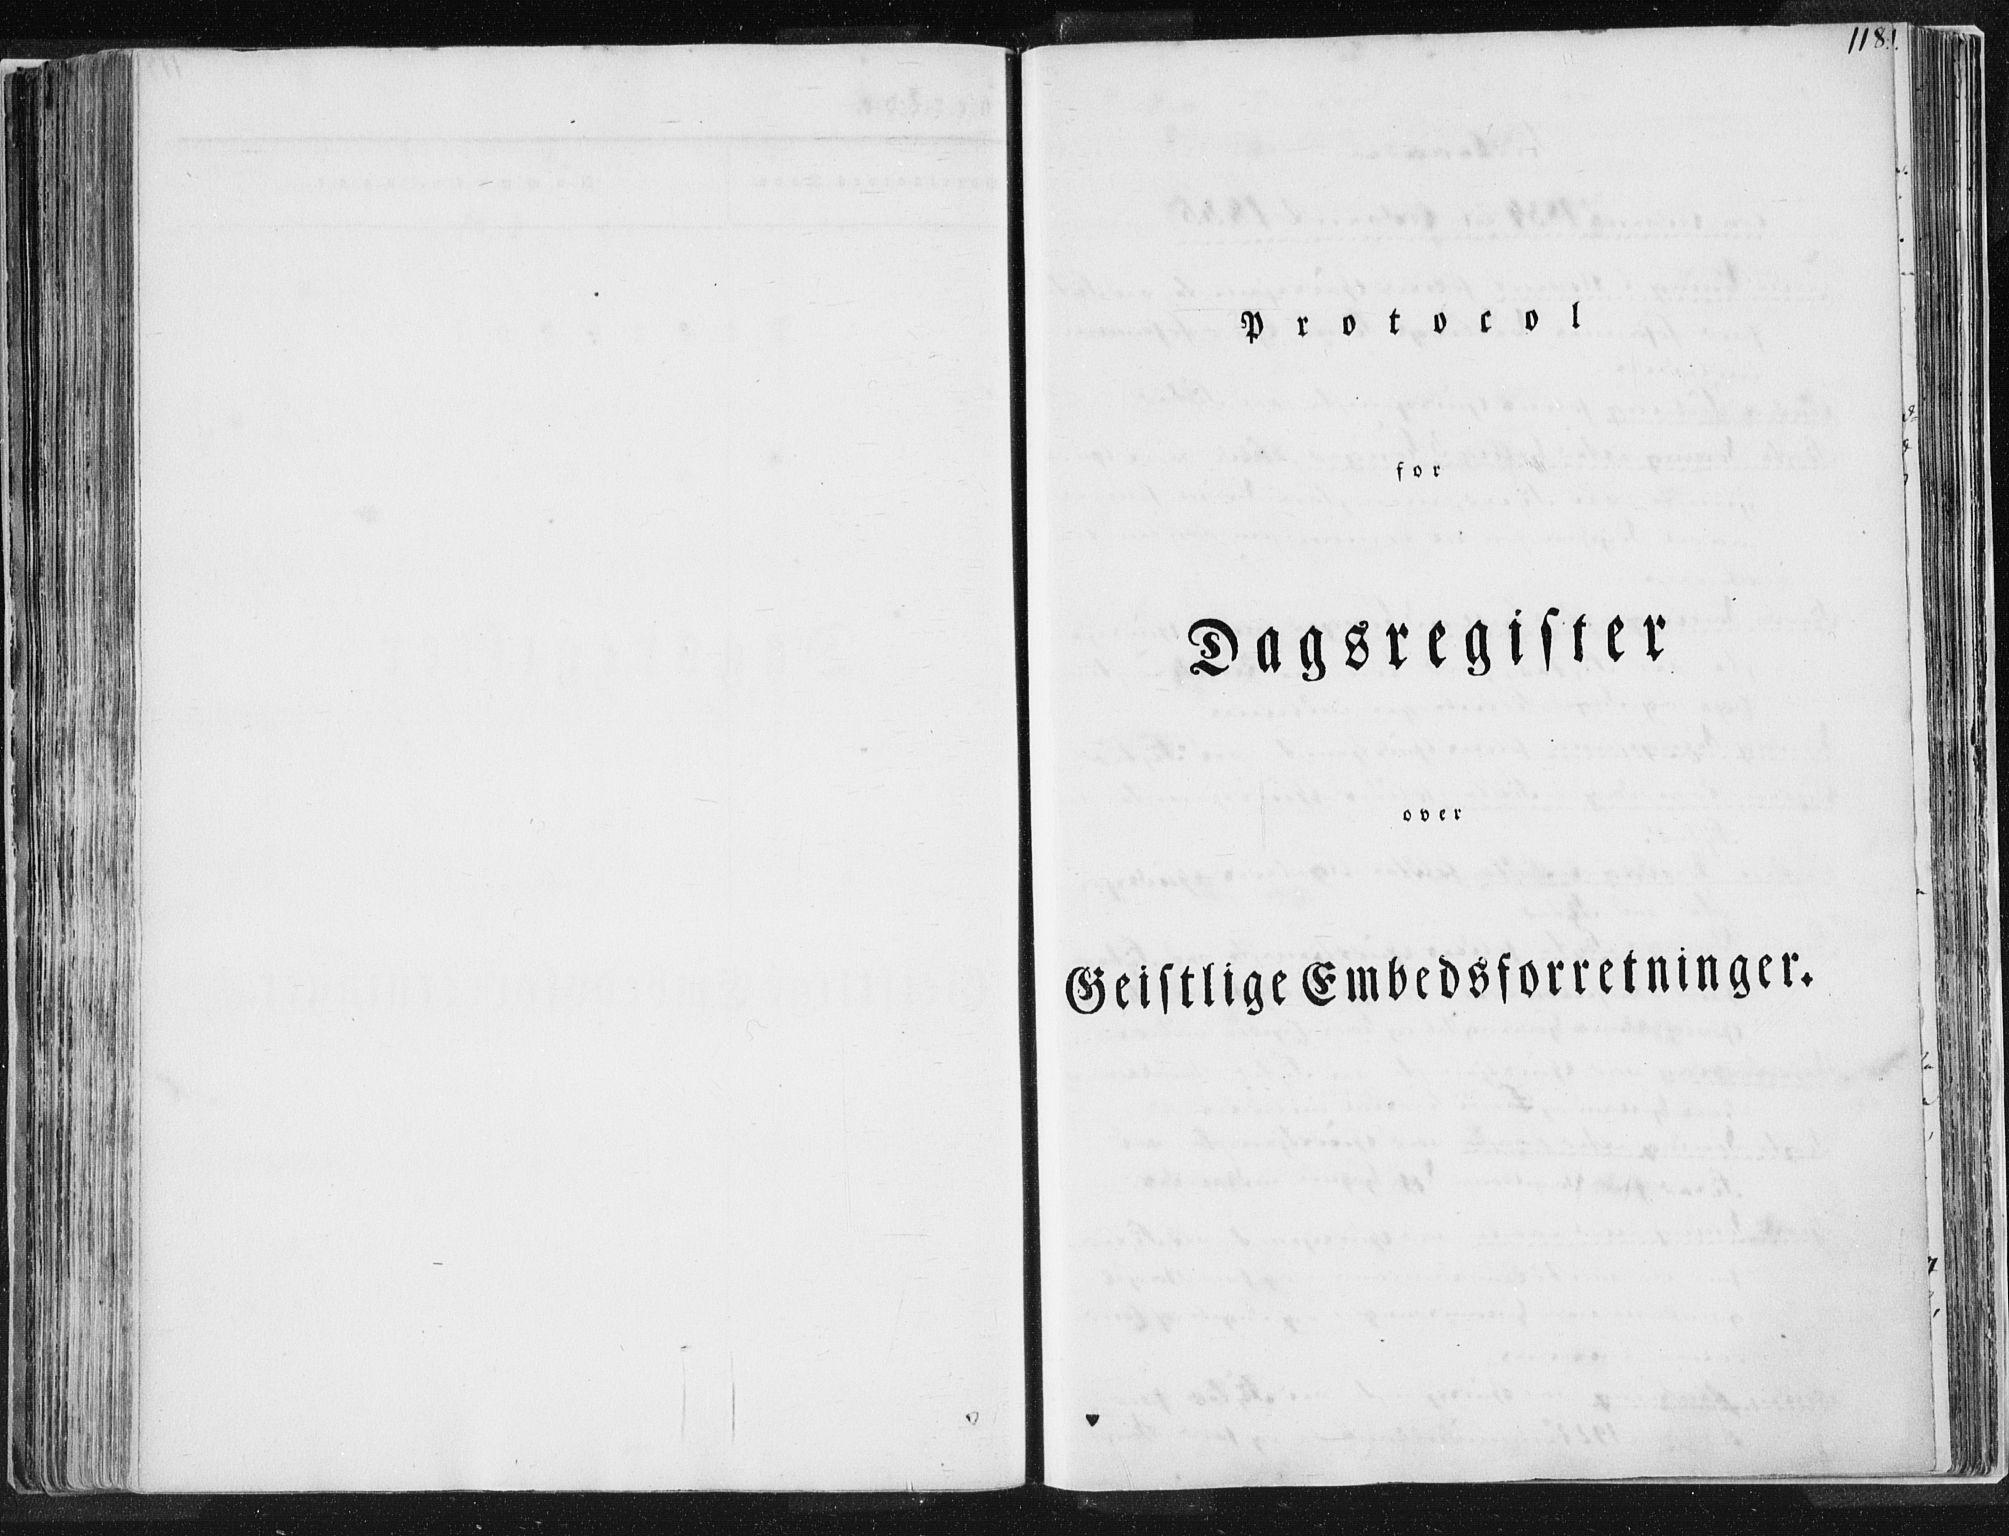 SAST, Hjelmeland sokneprestkontor, IV/L0007: Ministerialbok nr. A 7, 1834-1850, s. 118